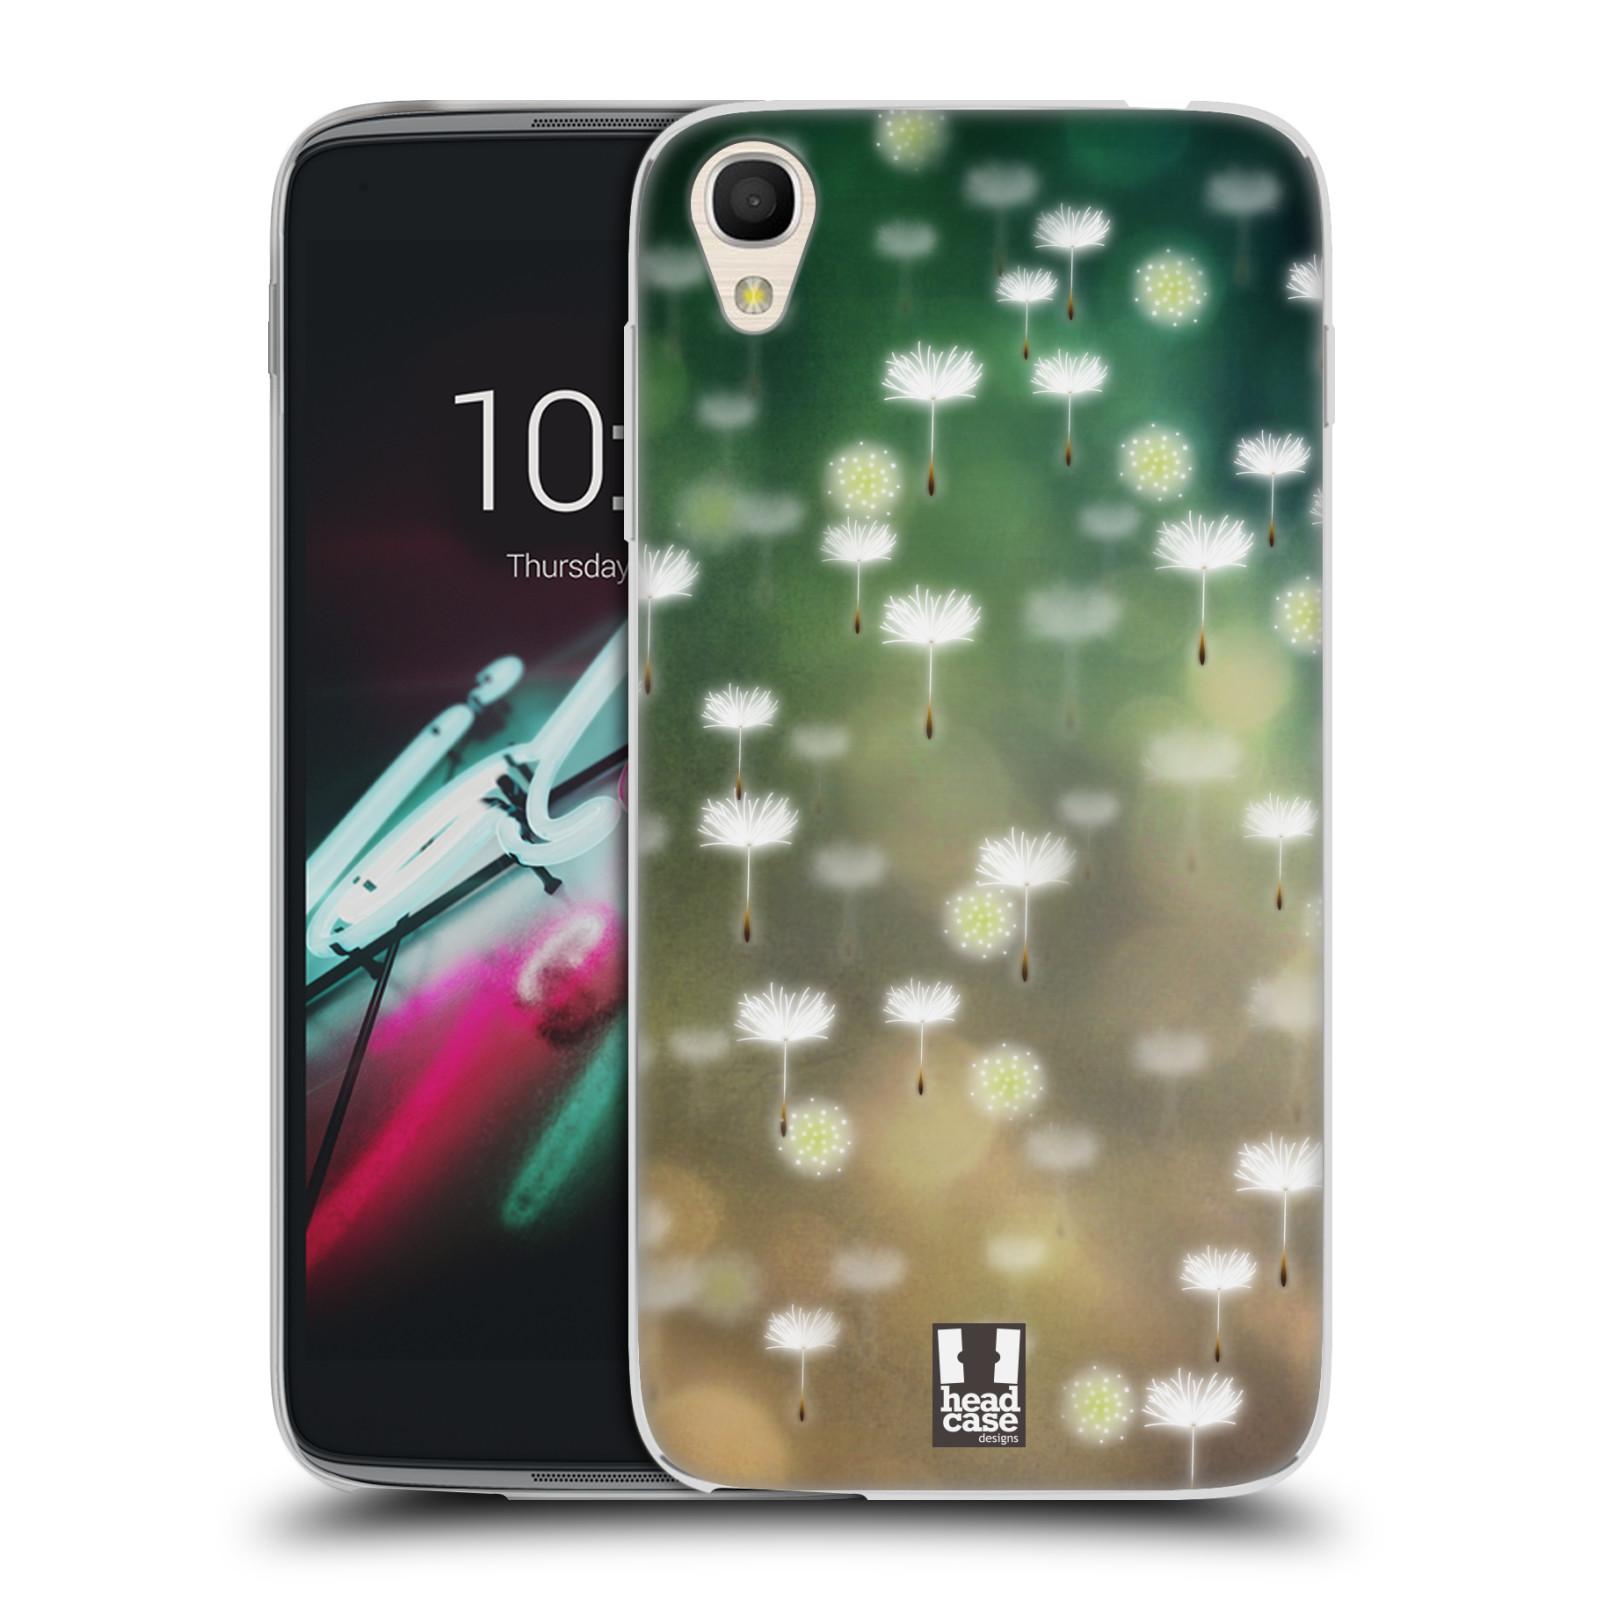 """Silikonové pouzdro na mobil Alcatel One Touch 6039Y Idol 3 HEAD CASE Pampeliškové padáčky (Silikonový kryt či obal na mobilní telefon Alcatel One Touch Idol 3 OT-6039Y s 4,7"""" displejem)"""